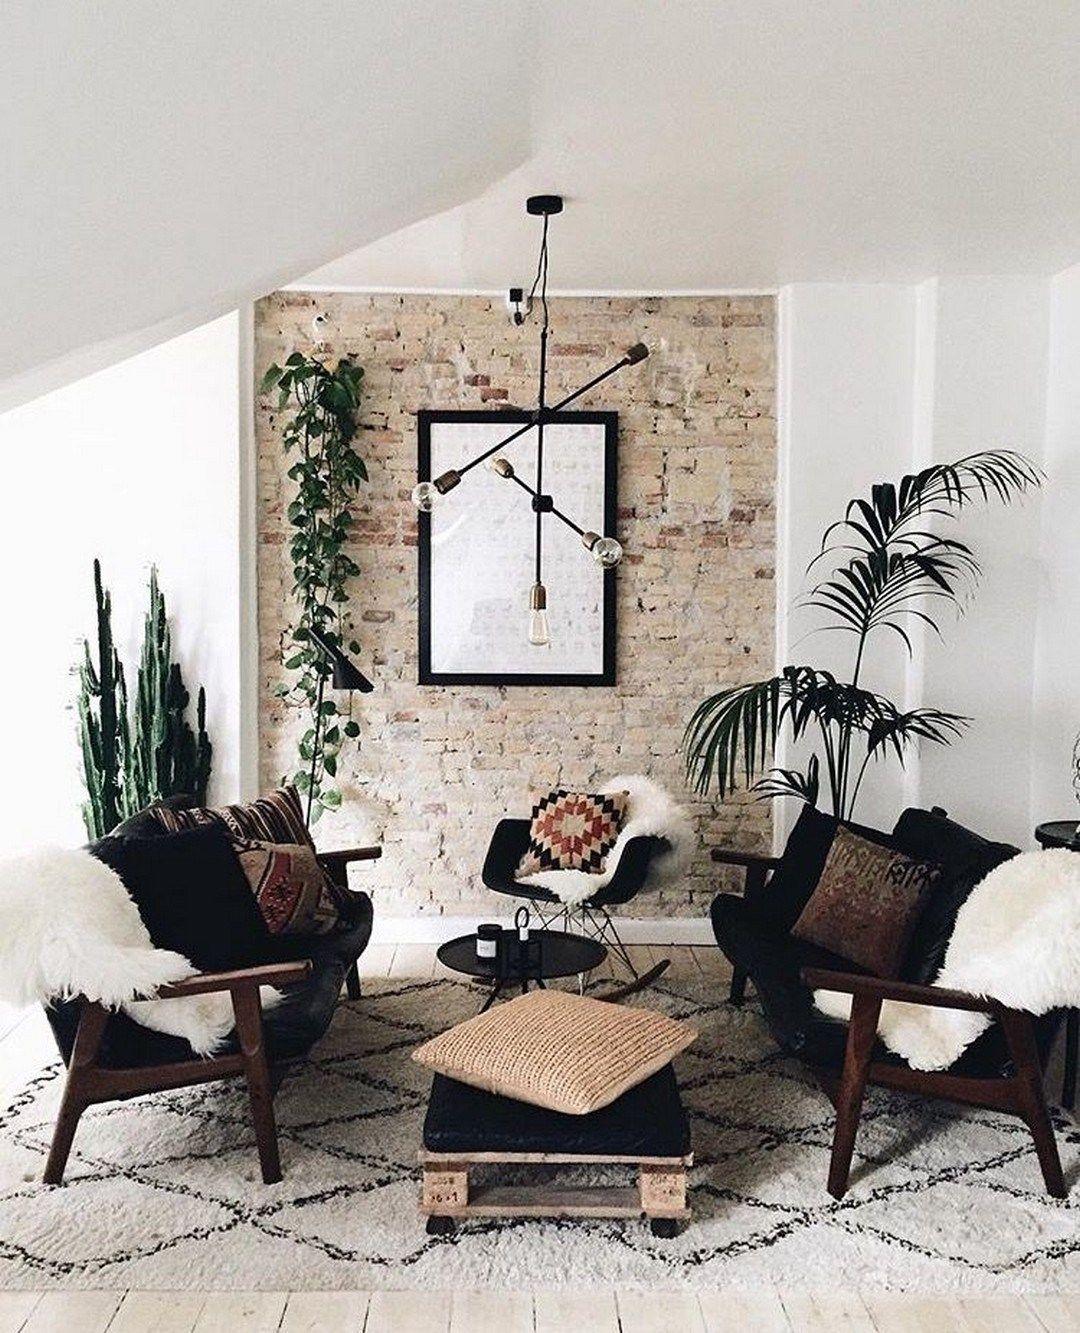 27 Best Claudia Sulewski Design Ideas For Apartment Possible Decor Home Decor Decor Home Decor Furniture